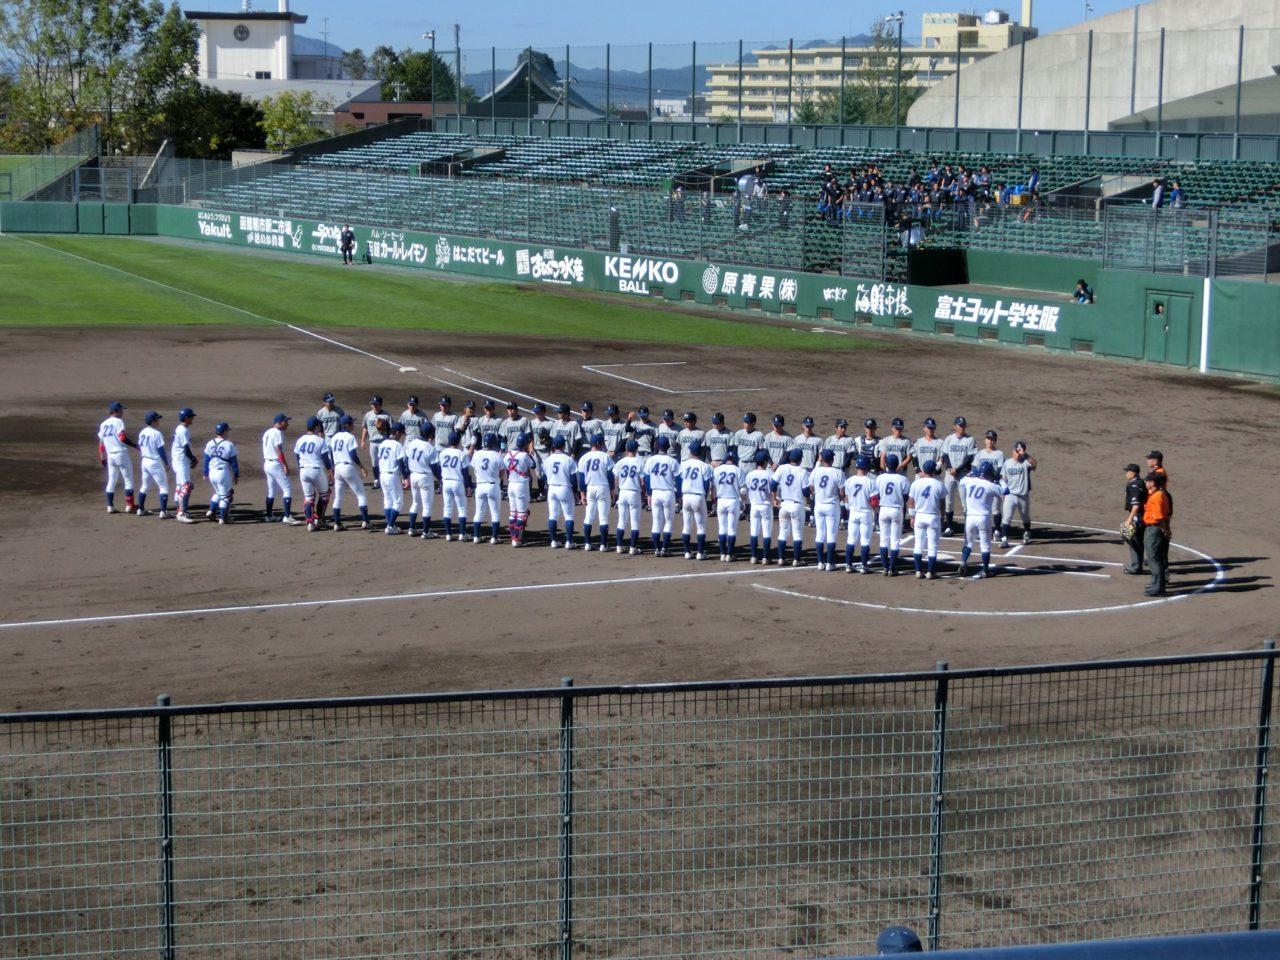 明治神宮野球大会第10回北海道地区代表決定戦(第2戦目)開幕